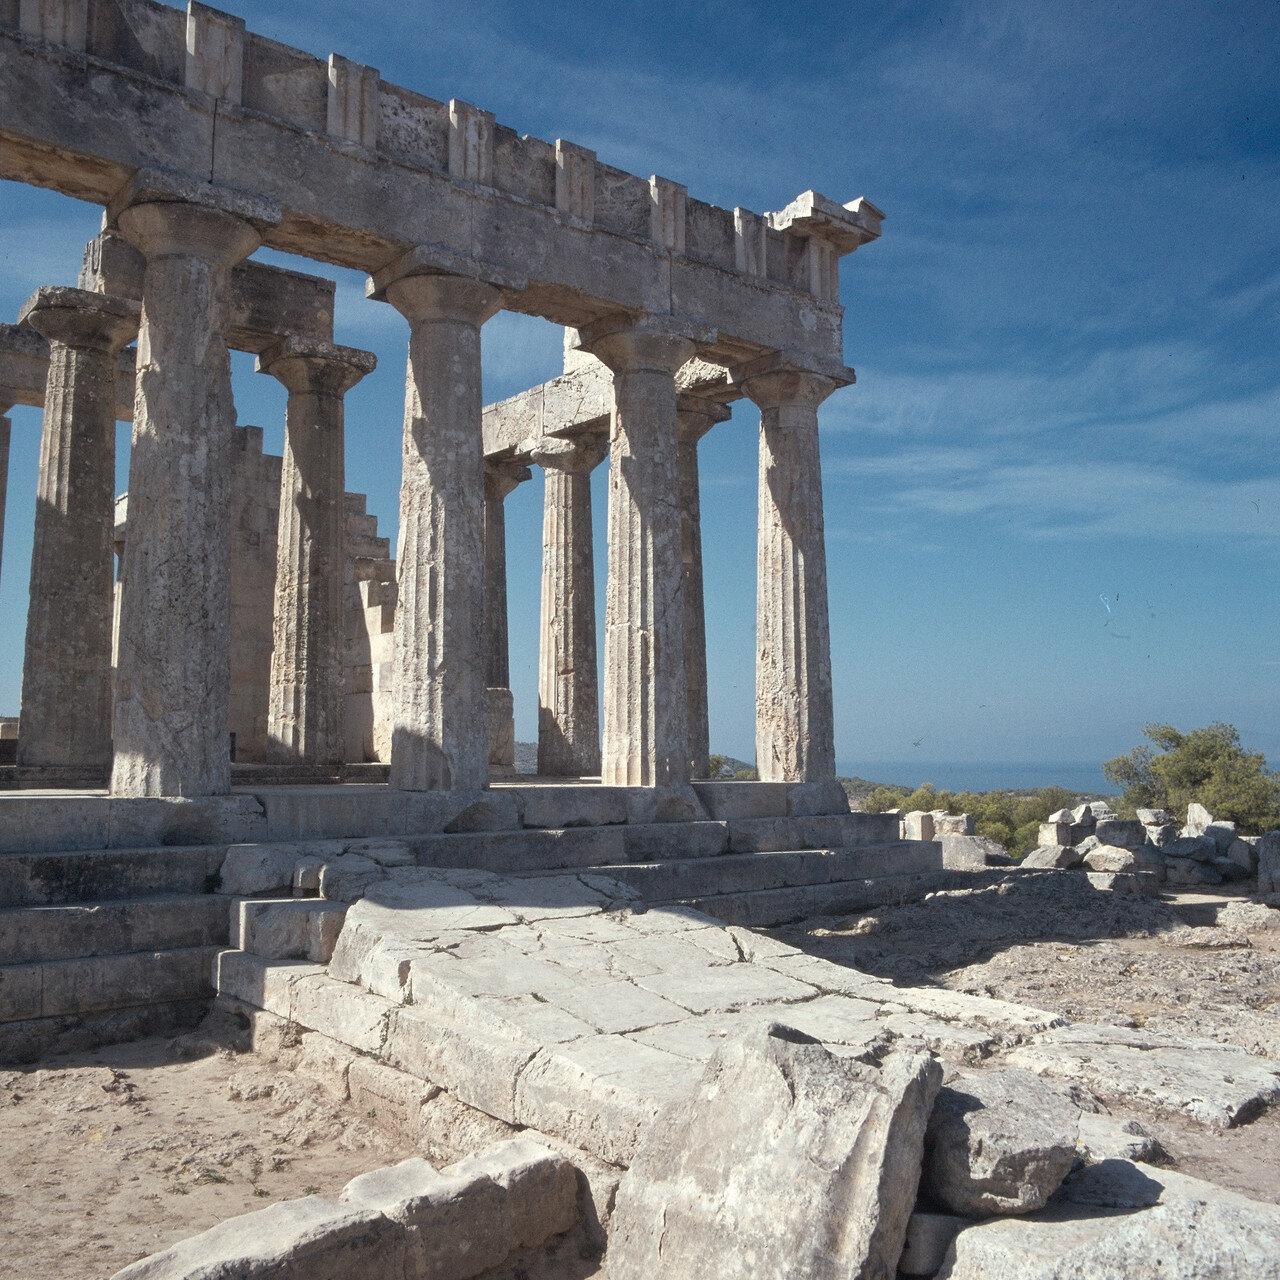 17. В пропорциях храма чувствуются архаические черты. Хотя колонны довольно стройны, но антаблемент тяжел по отношению к ним. На снимке: Часть восточного фронтона и соединение крыла храма с алтарями